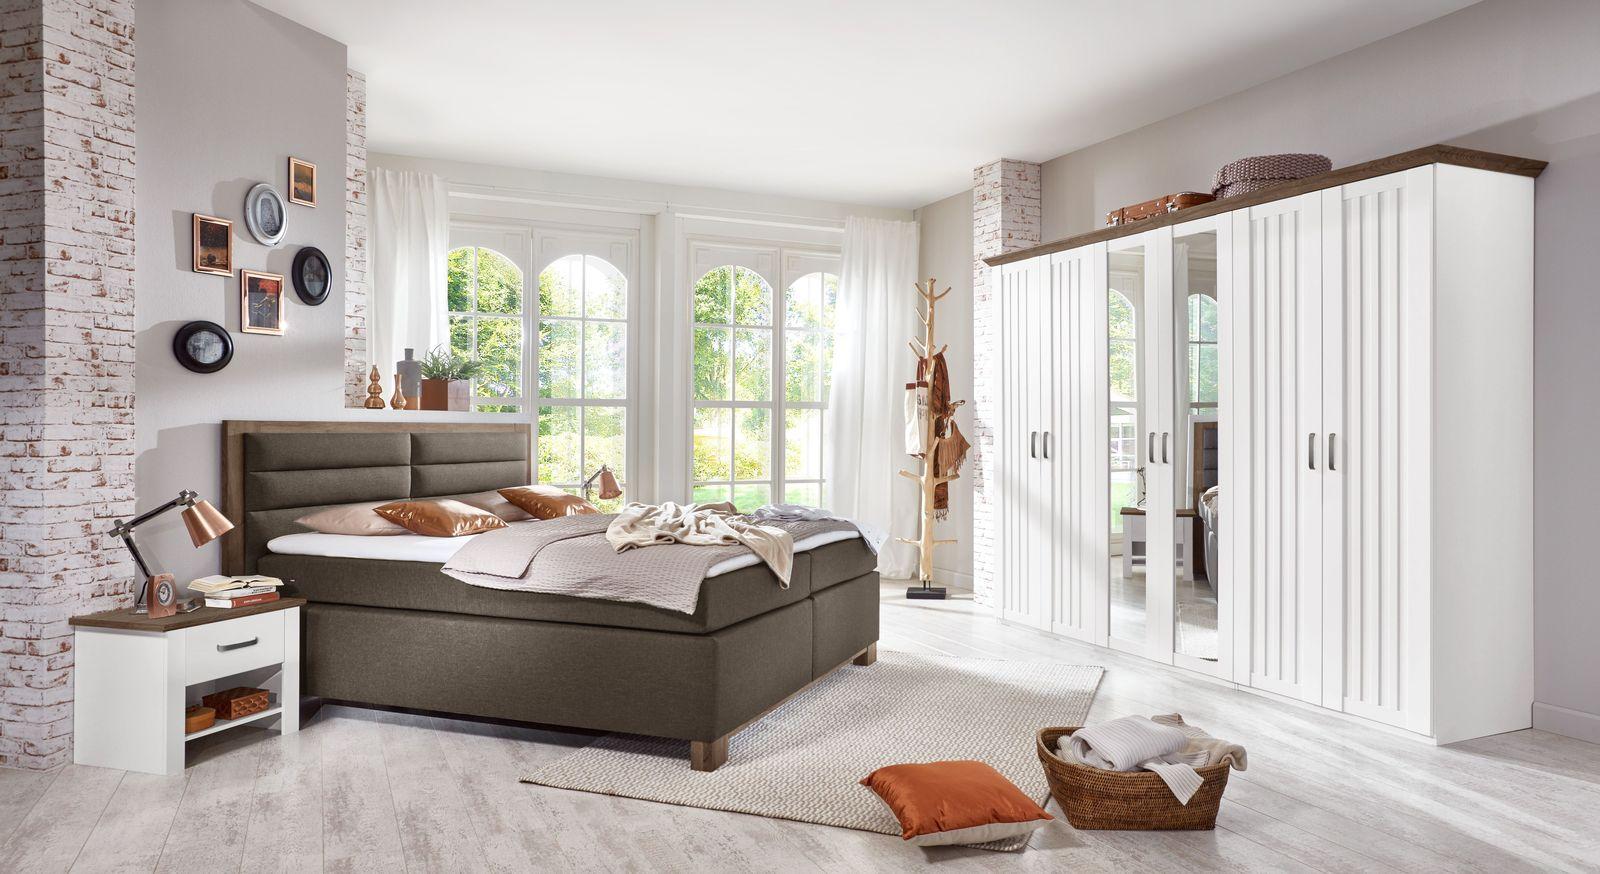 Komplett-Schlafzimmer Baduro in modernem Design